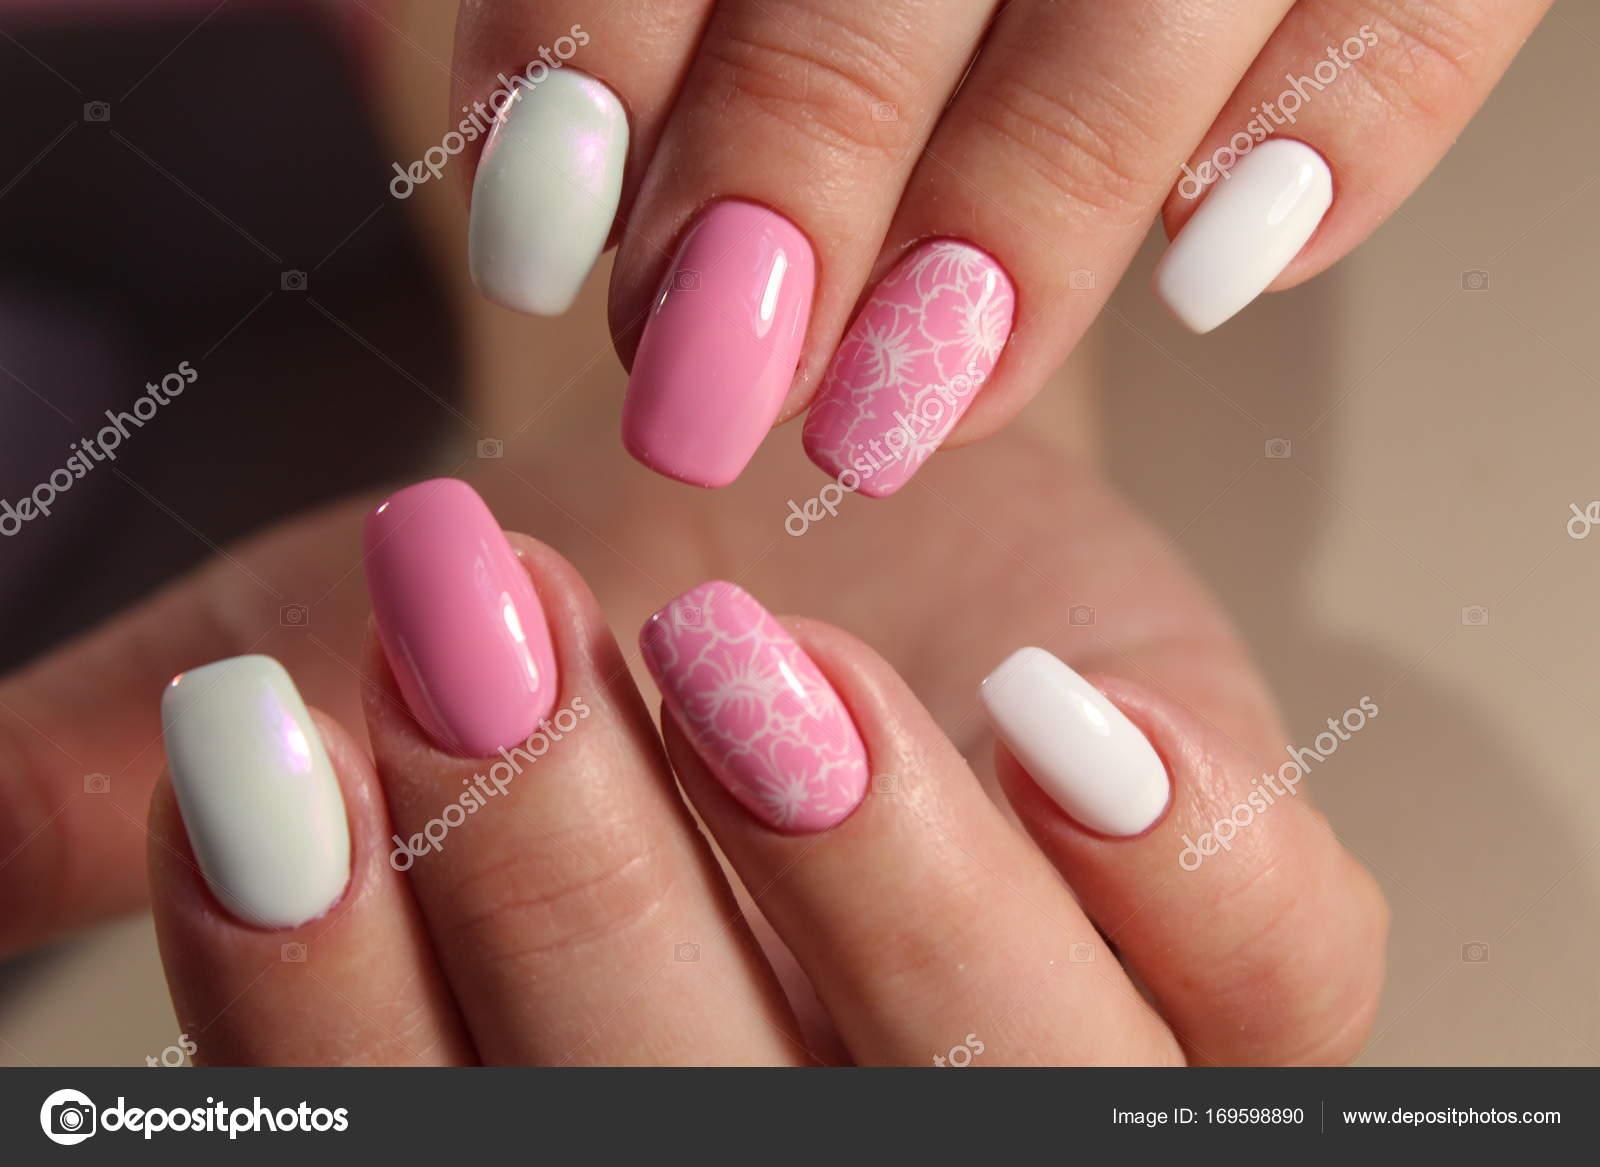 Fashion Nails Design Manicure Stock Photo Smirmaxstock 169598890